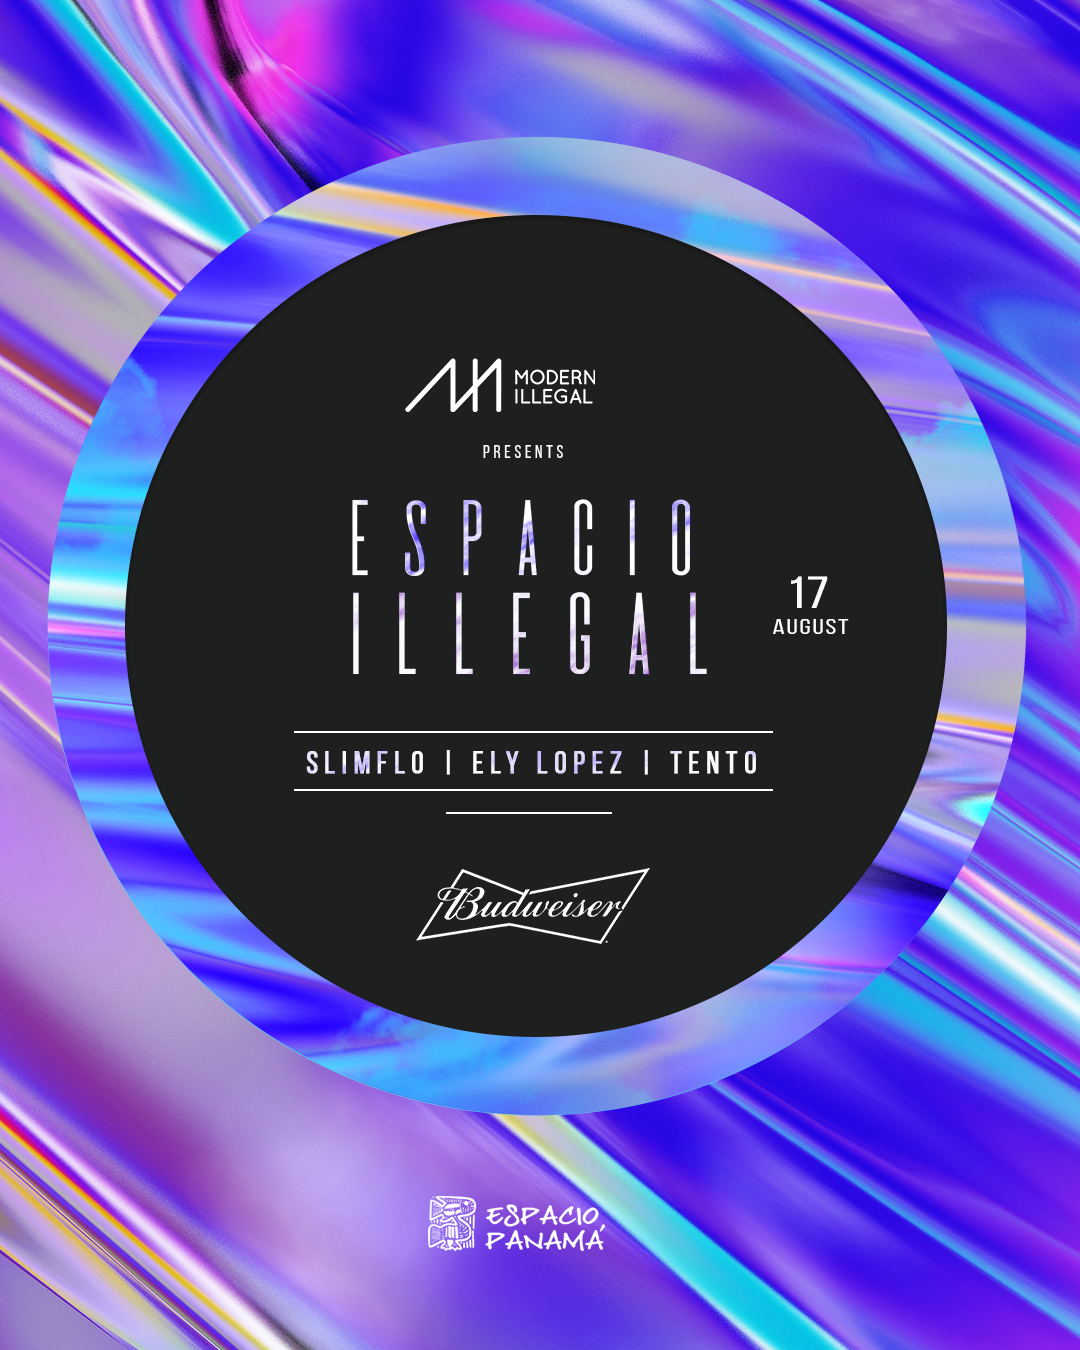 Espacio_illegal_agosto_post.png